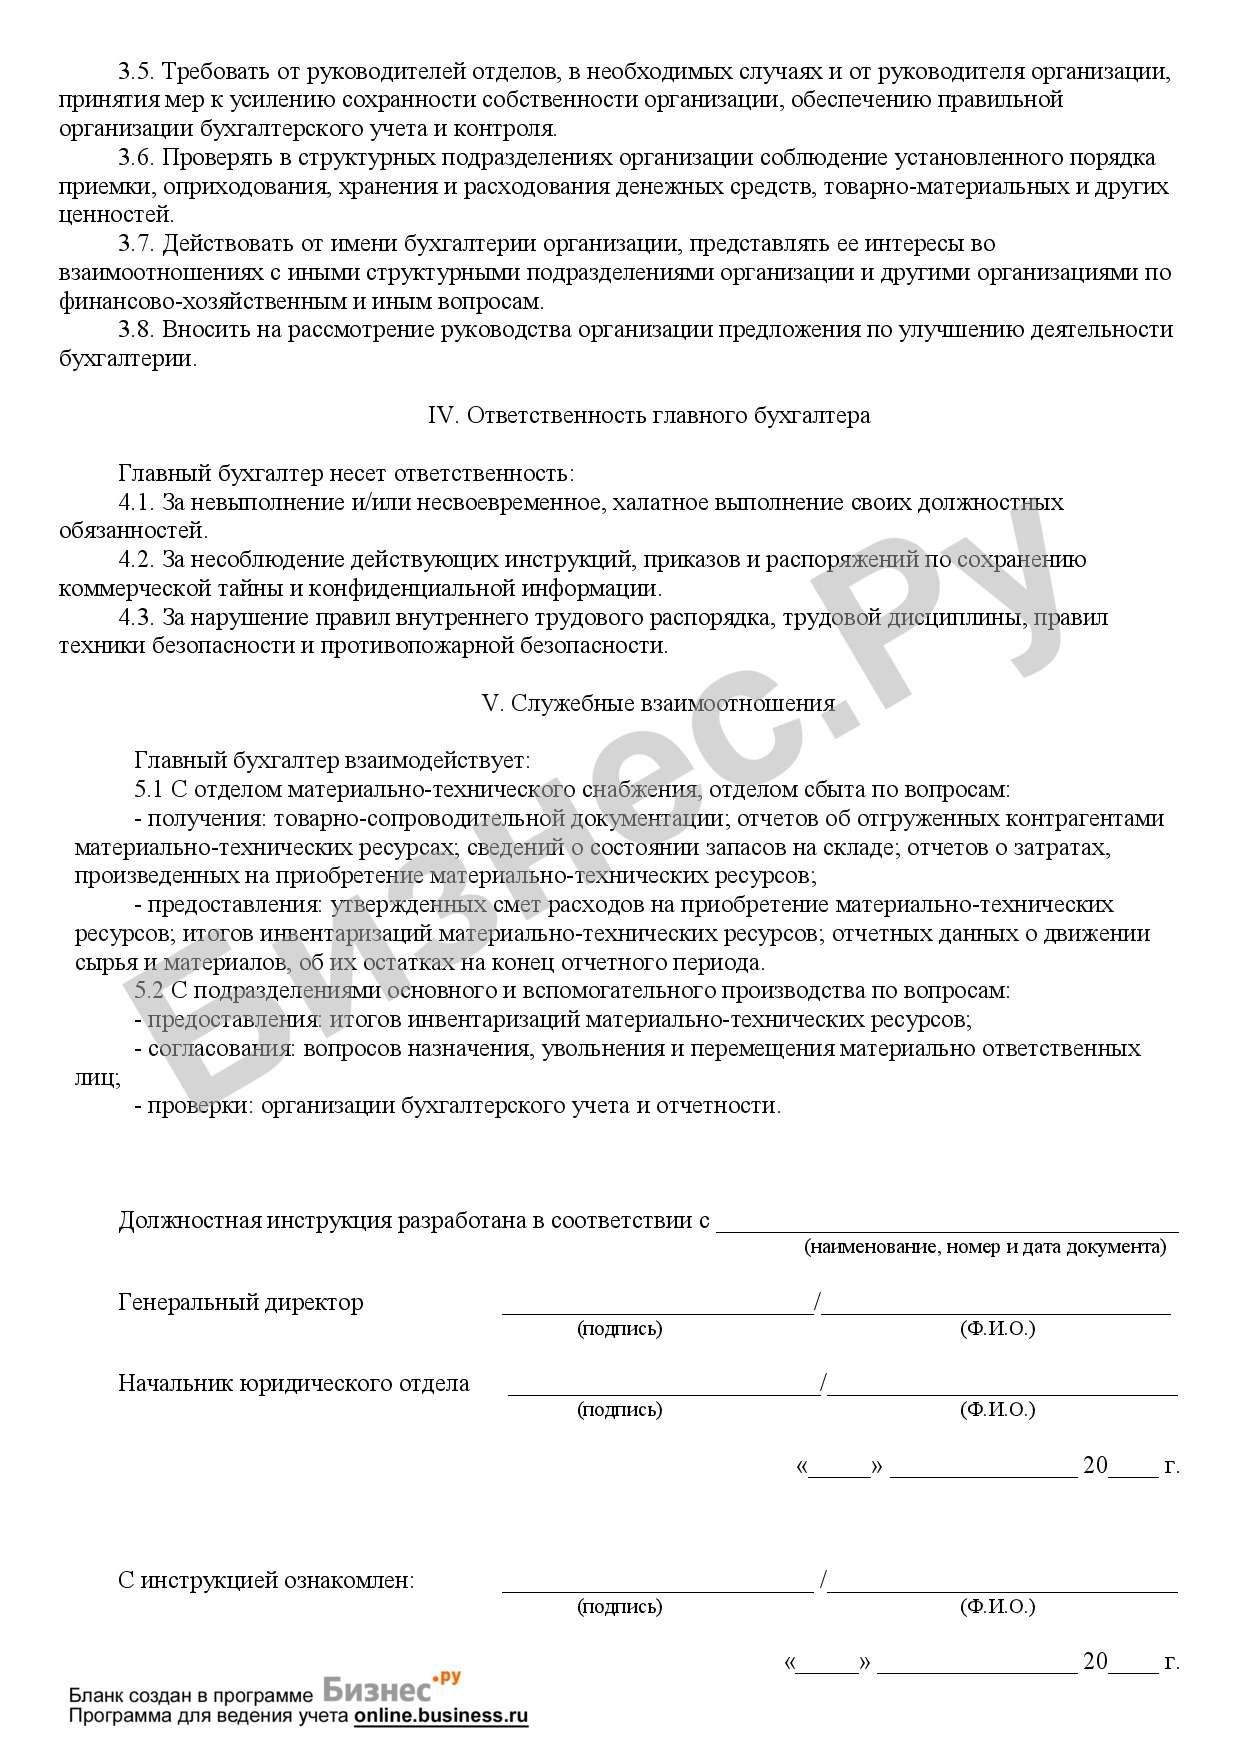 Должностная Инструкция На Главного Бухгалтера Малого Предприятия